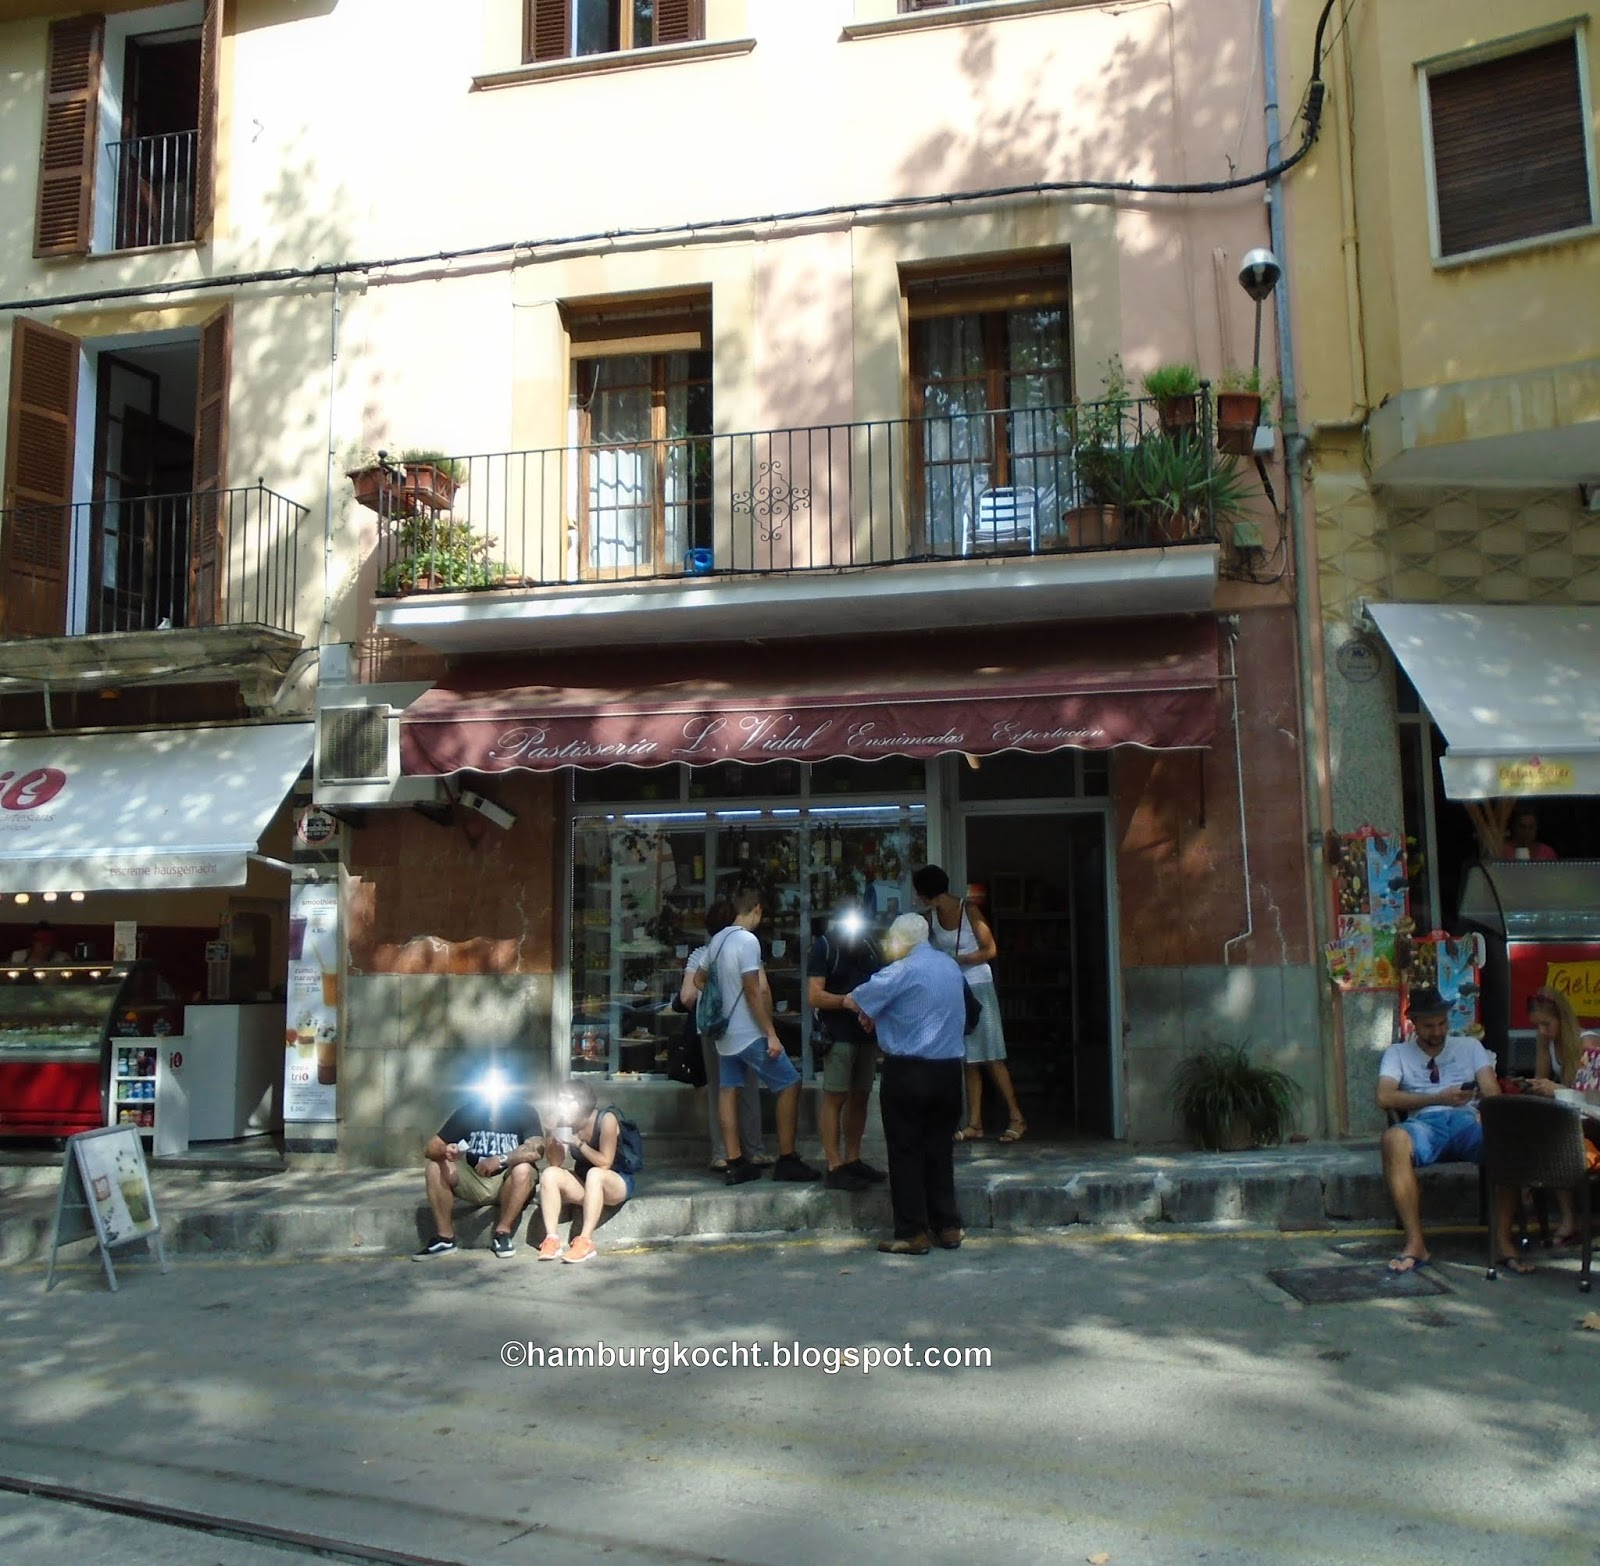 Hamburg kocht Patisseria L Vidal in S³ller Mallorca Spanien